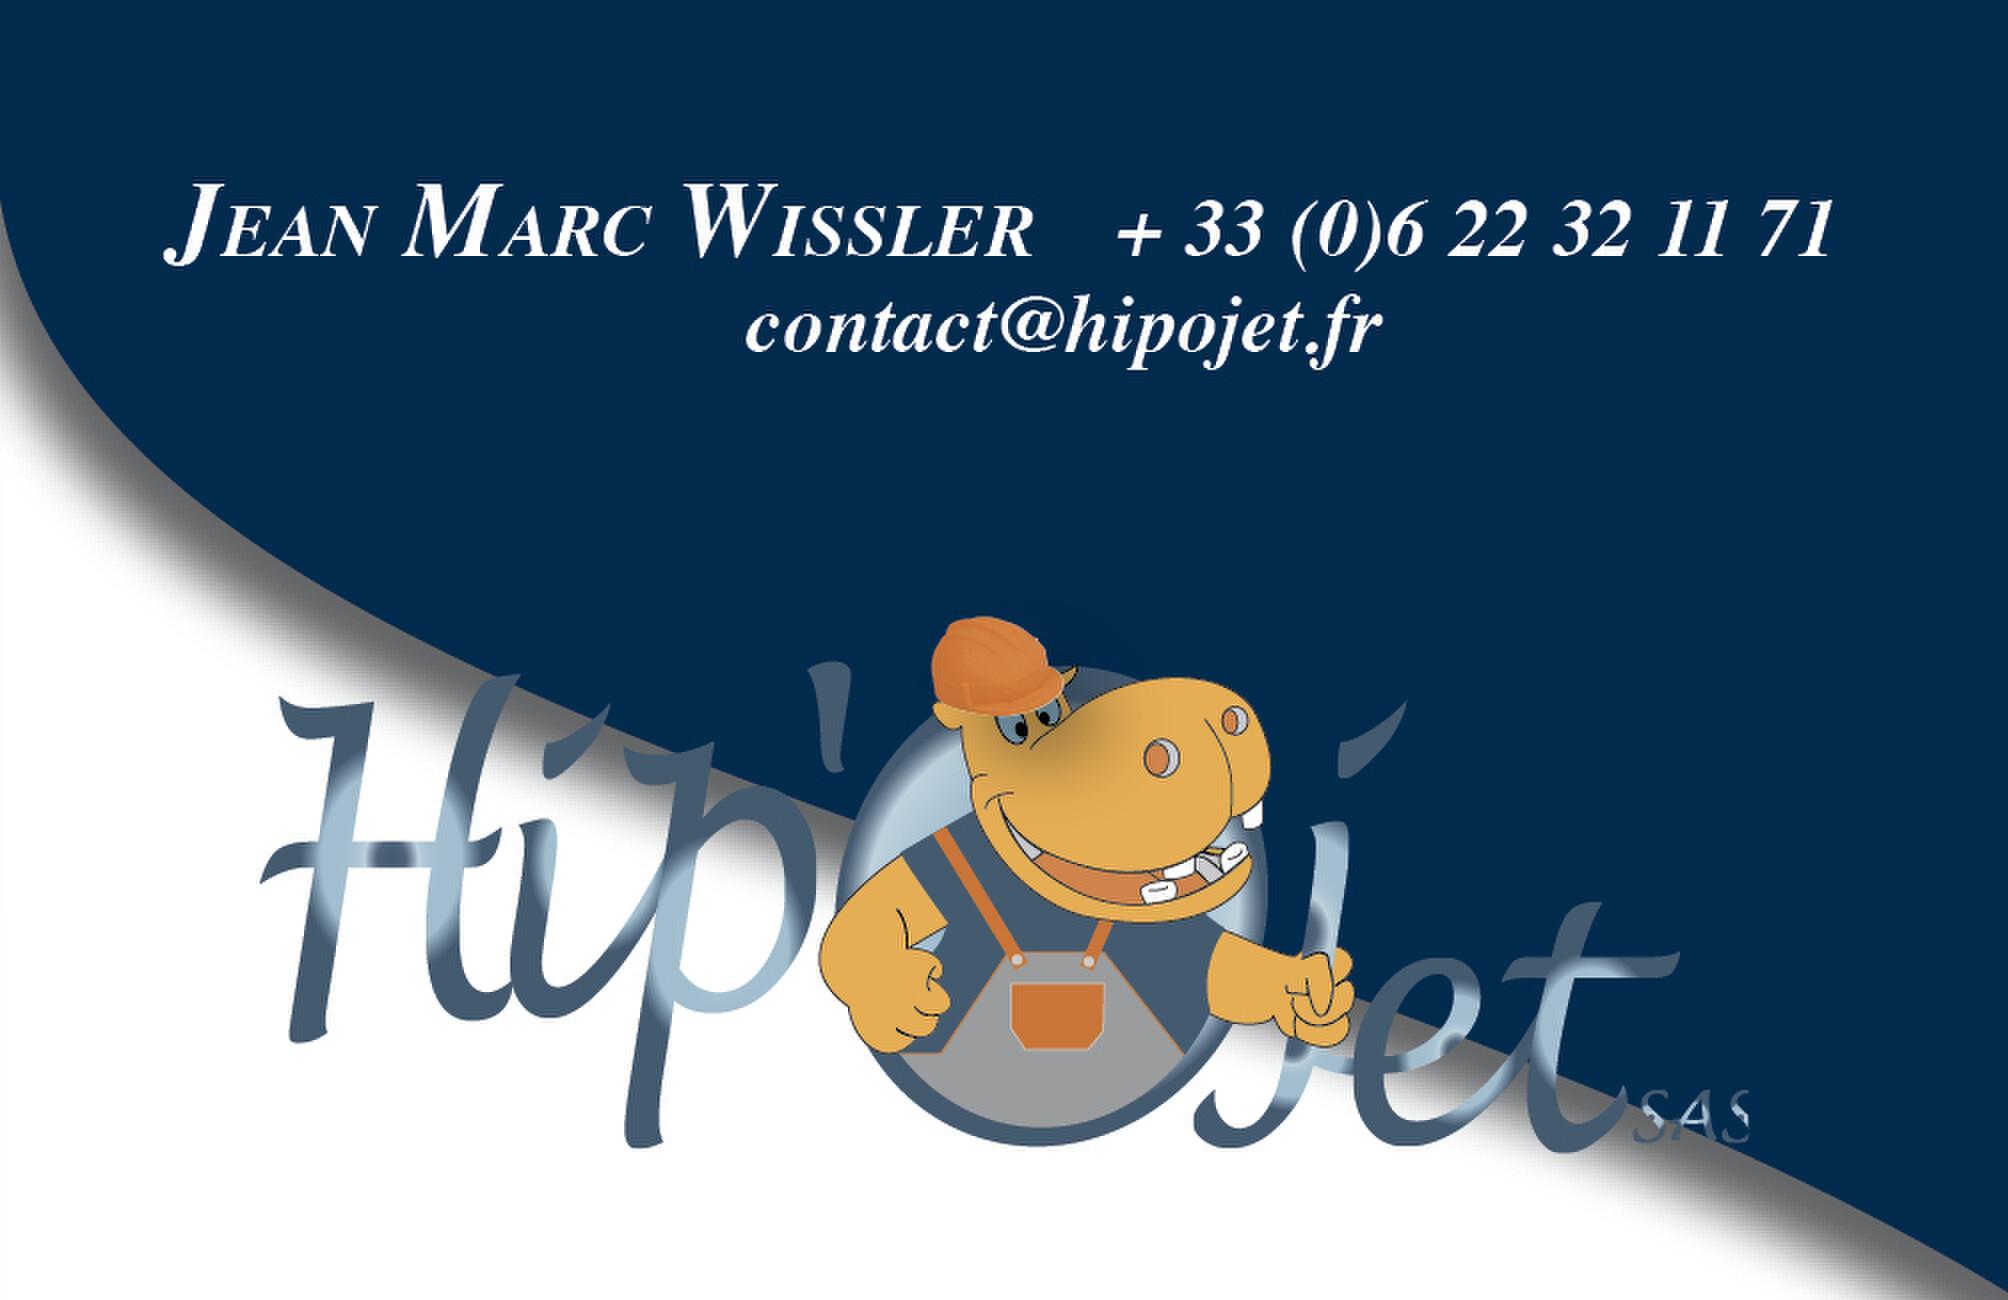 Création d'une société partenaire en France pour les travaux d'hydrodémolition sous le nom d'Hipojet SAS www.hipojet.fr